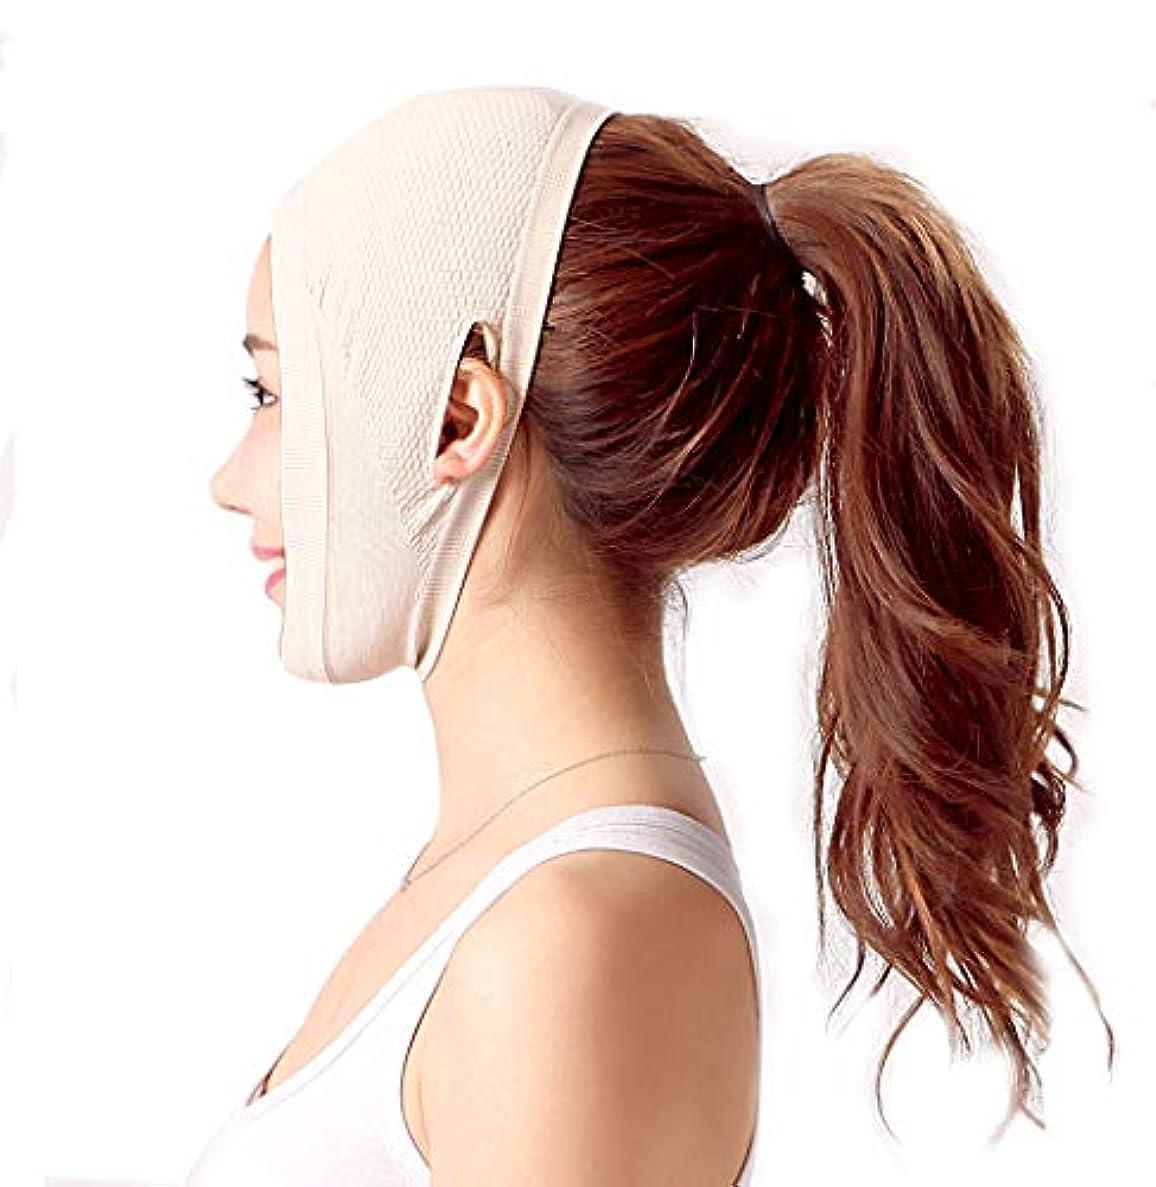 免疫病気だと思う醸造所V顔リフティング包帯薄いフェイスマスクを眠っている整形手術病院ライン彫刻術後回復ヘッドギア医療マスク (Color : Skin tone(A))